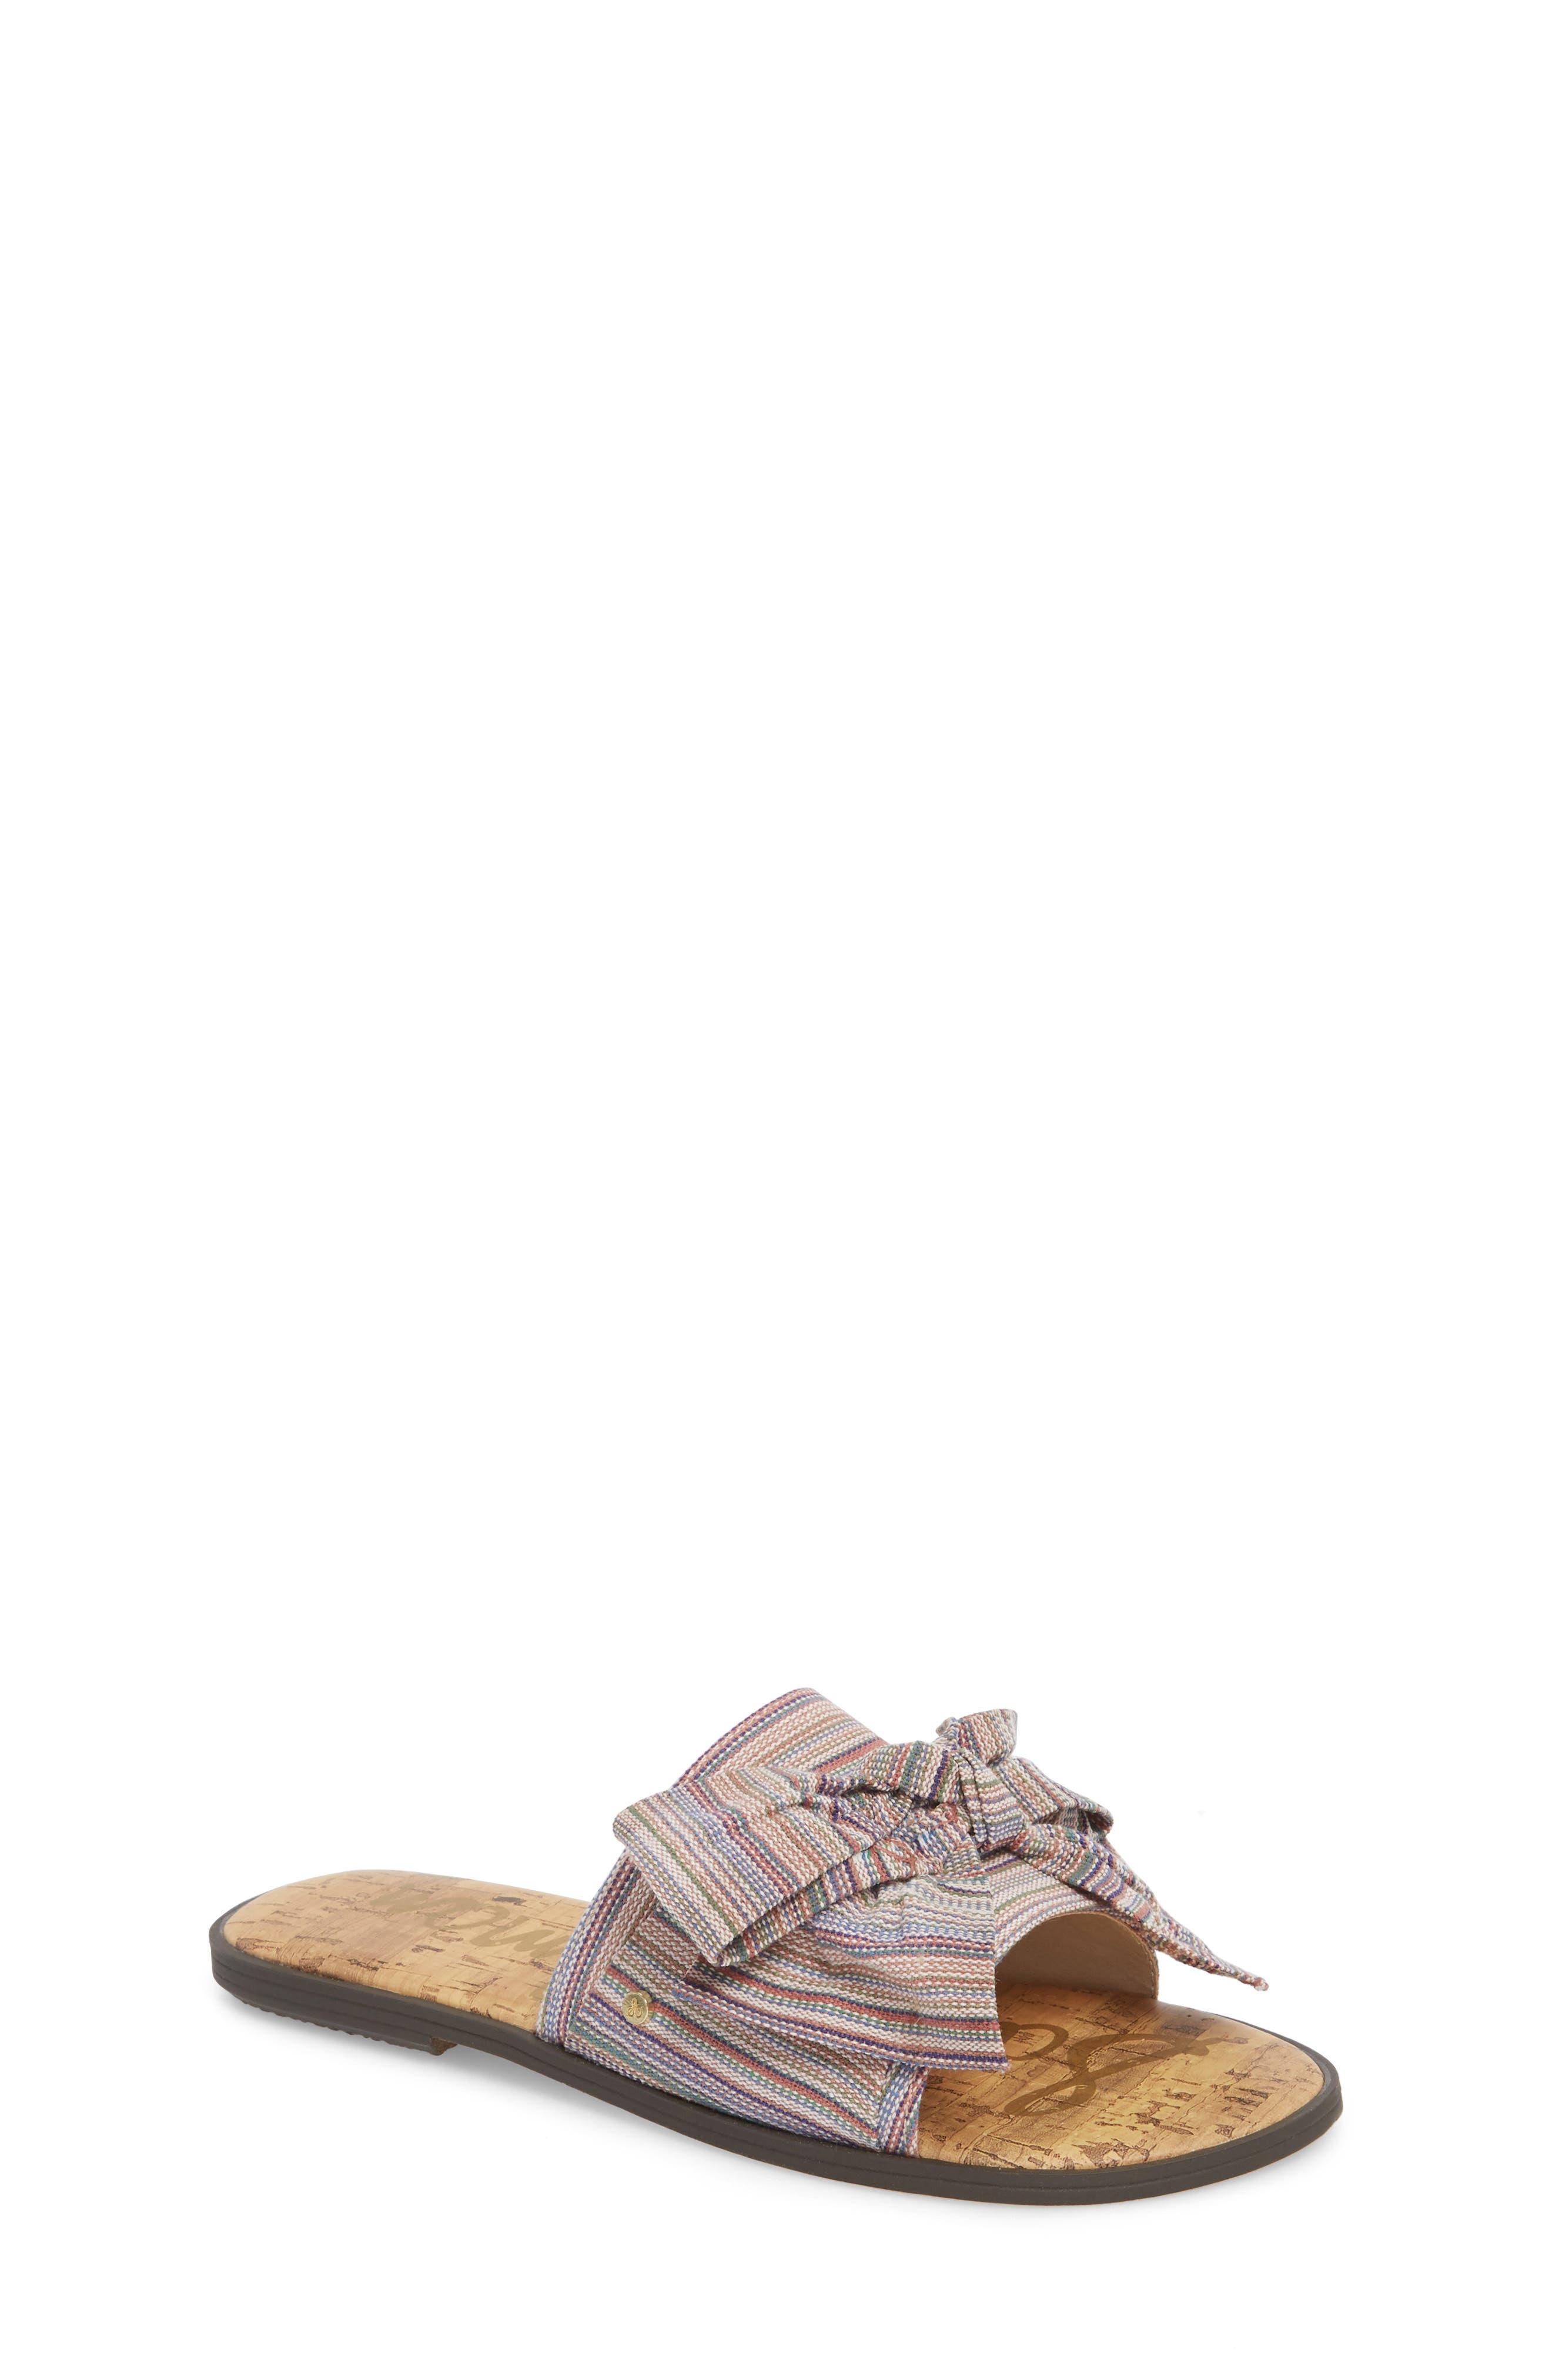 Gigi Bow Faux Leather Sandal,                         Main,                         color, Tan Multi Fabric